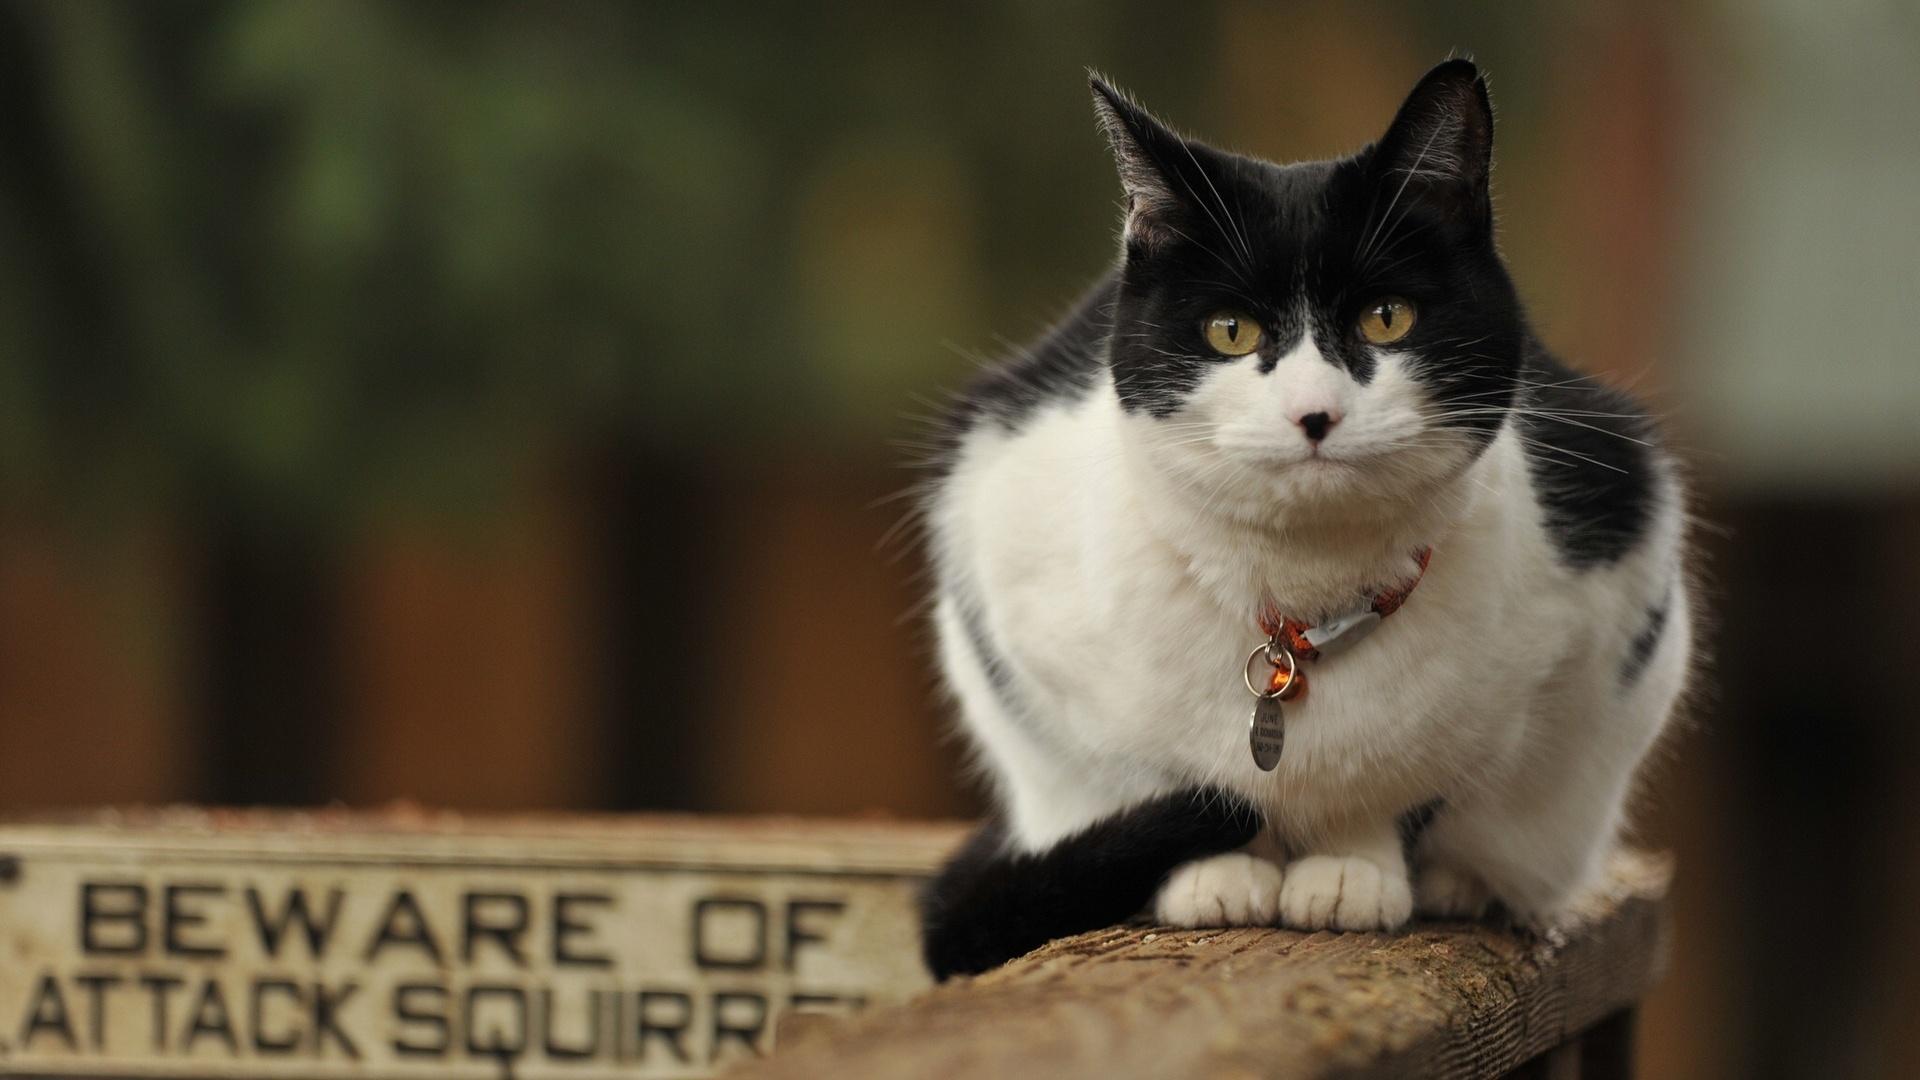 Стоит ли прикреплять к ошейнику вашей кошки колокольчик?